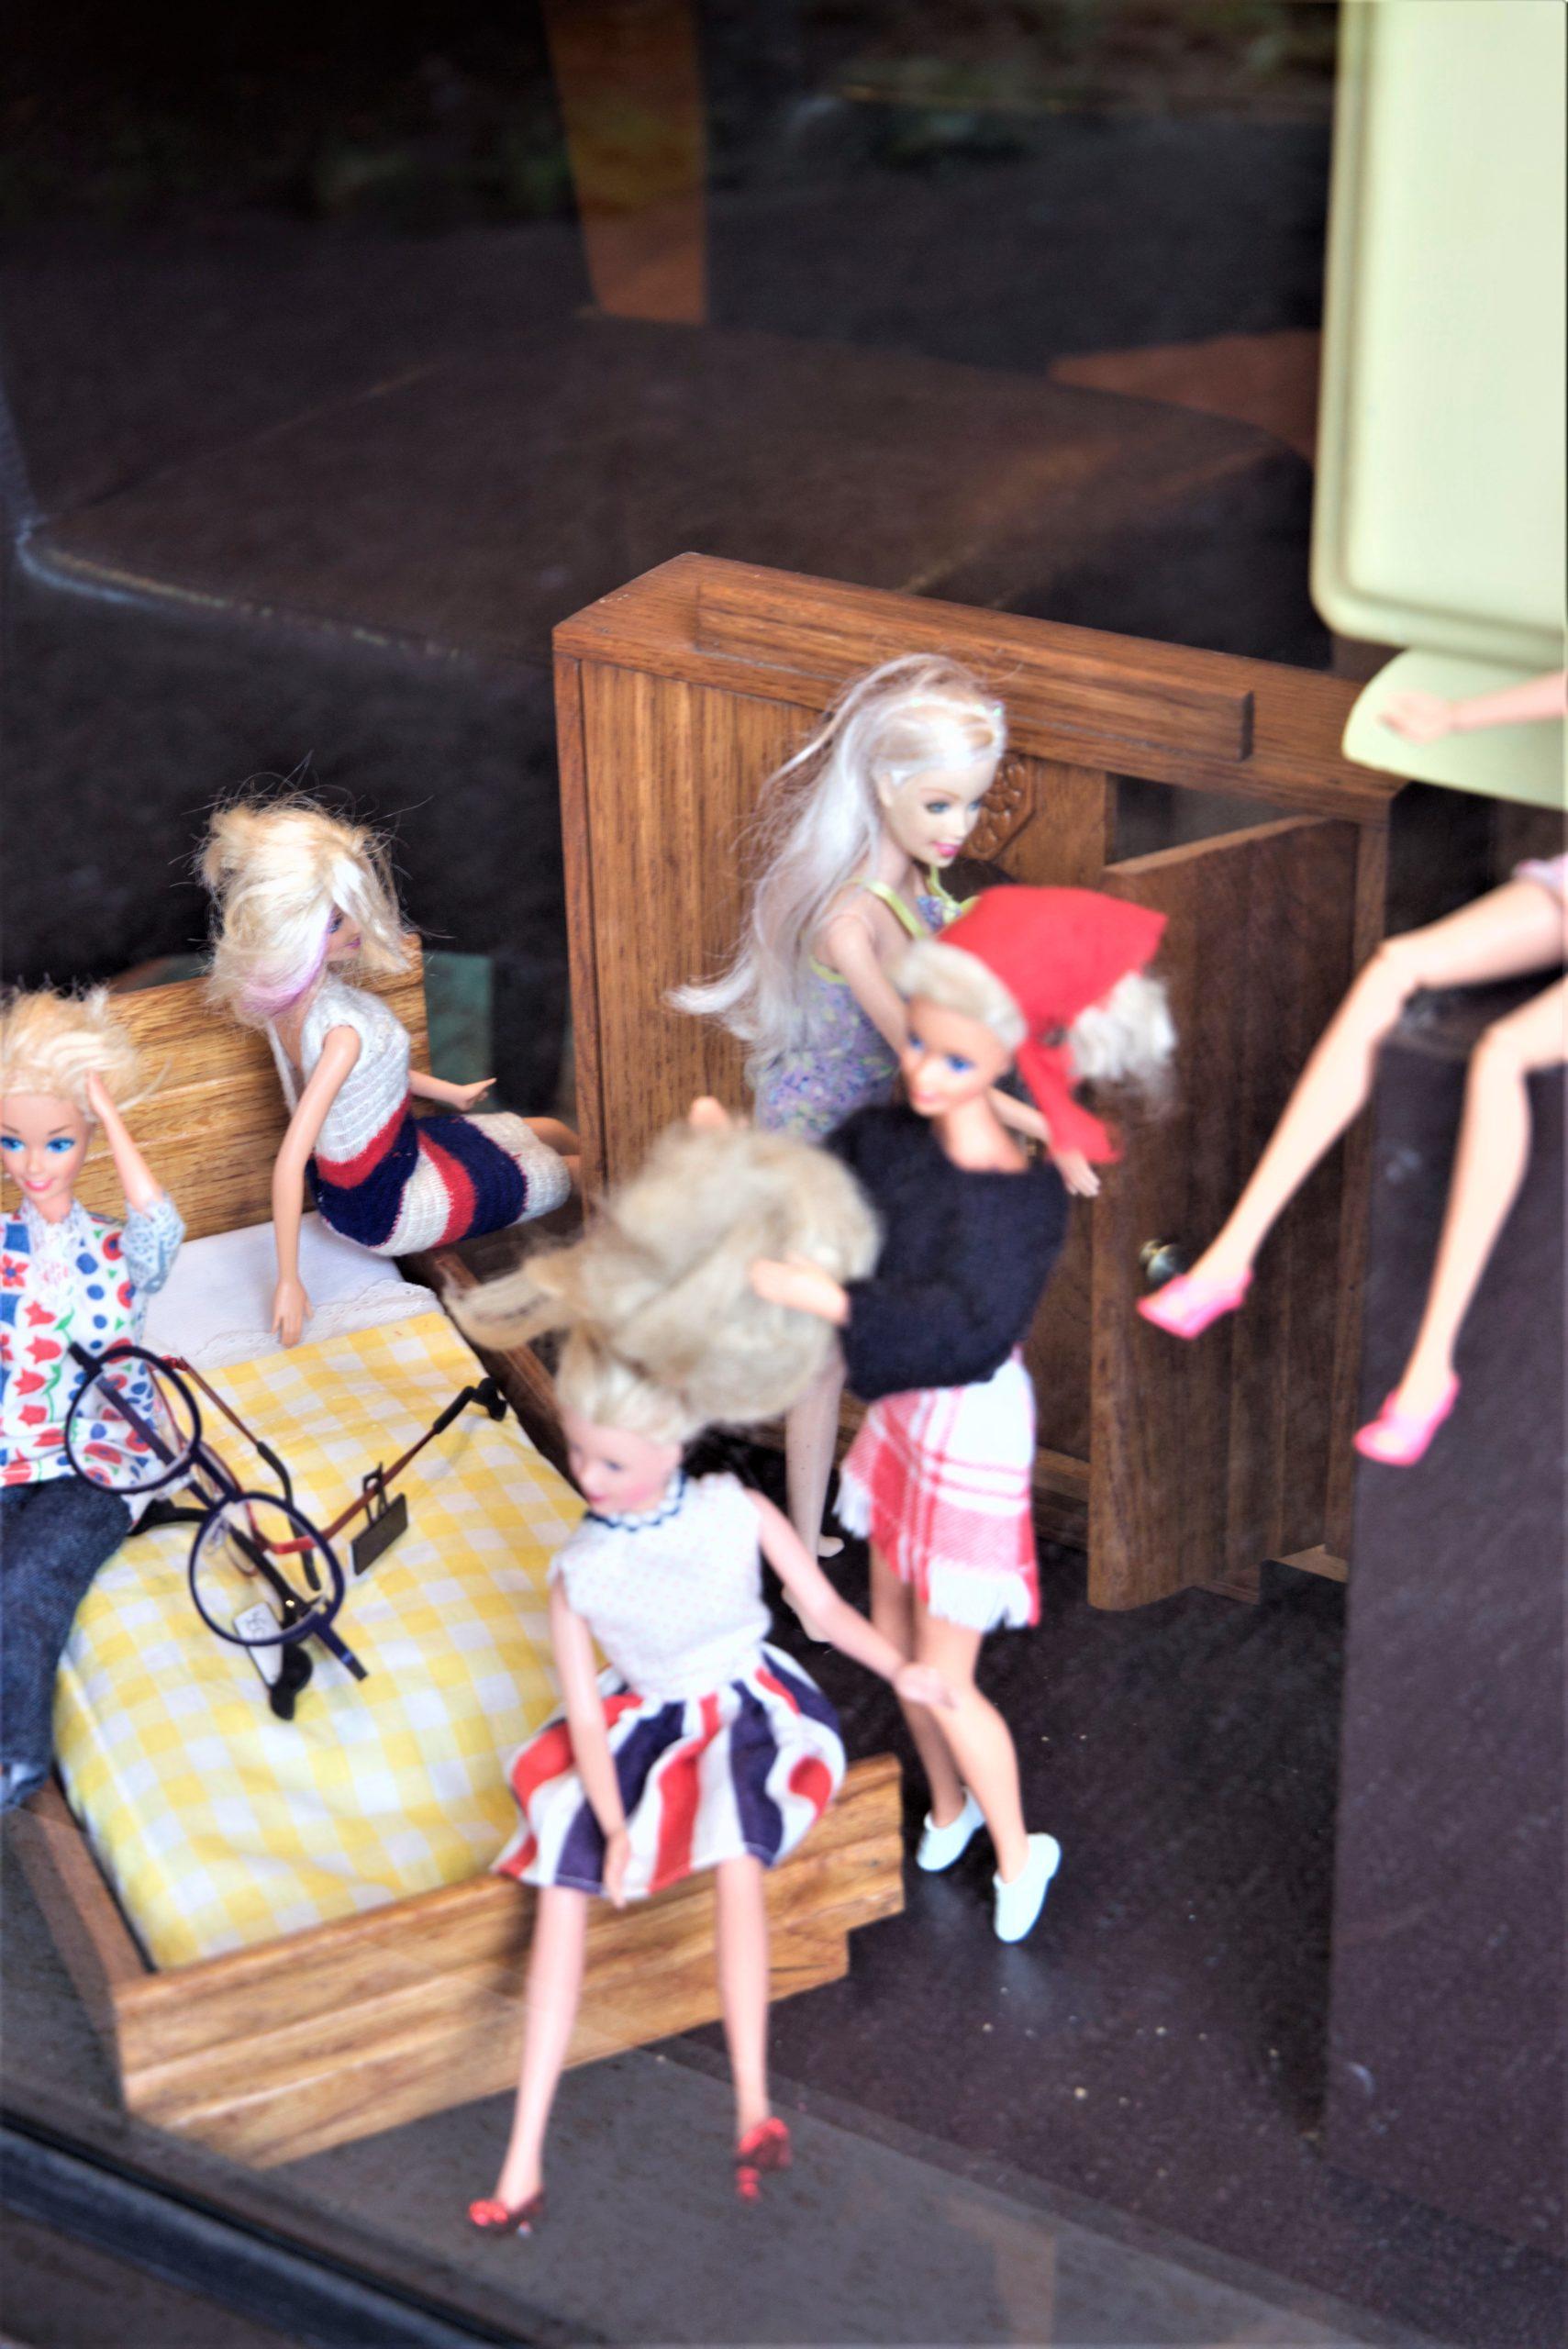 Vitrine-scène-Barbie-femmes-bleu-blanc-rouge-la-decotheque